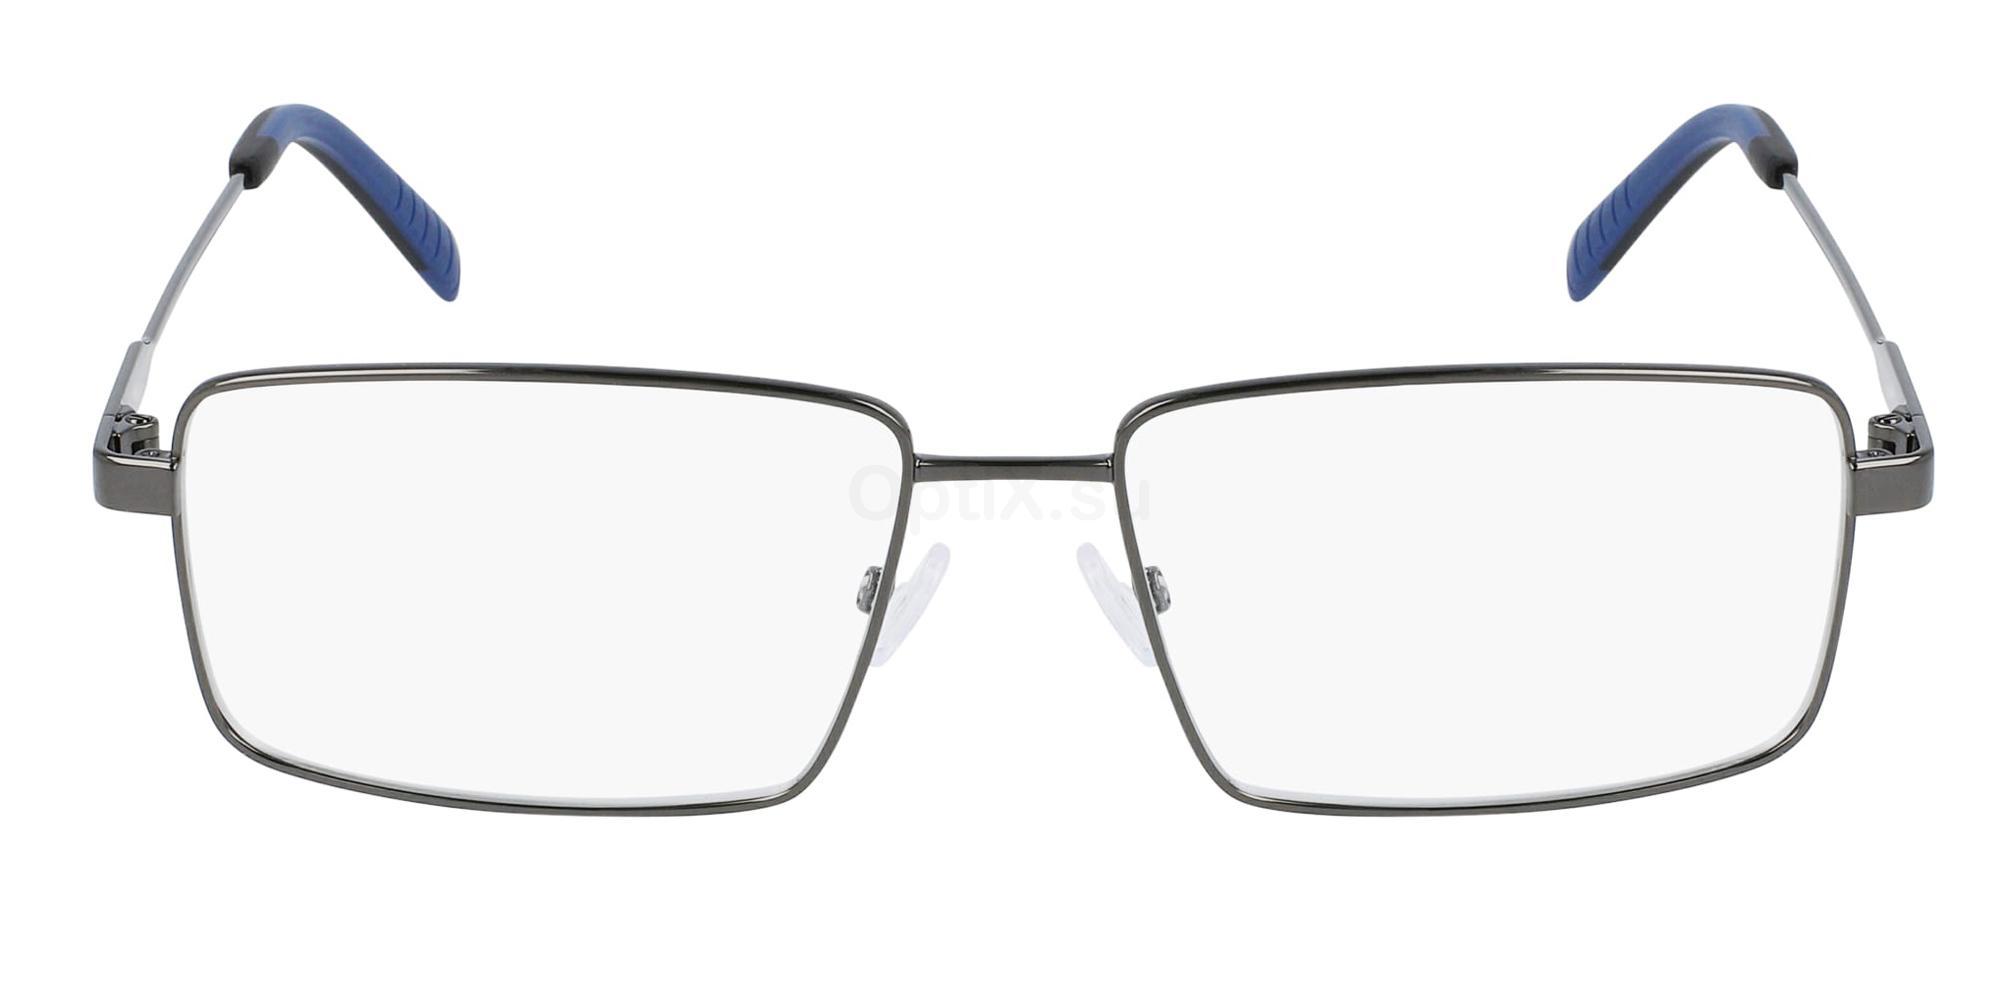 015 SF2206 Glasses, Salvatore Ferragamo